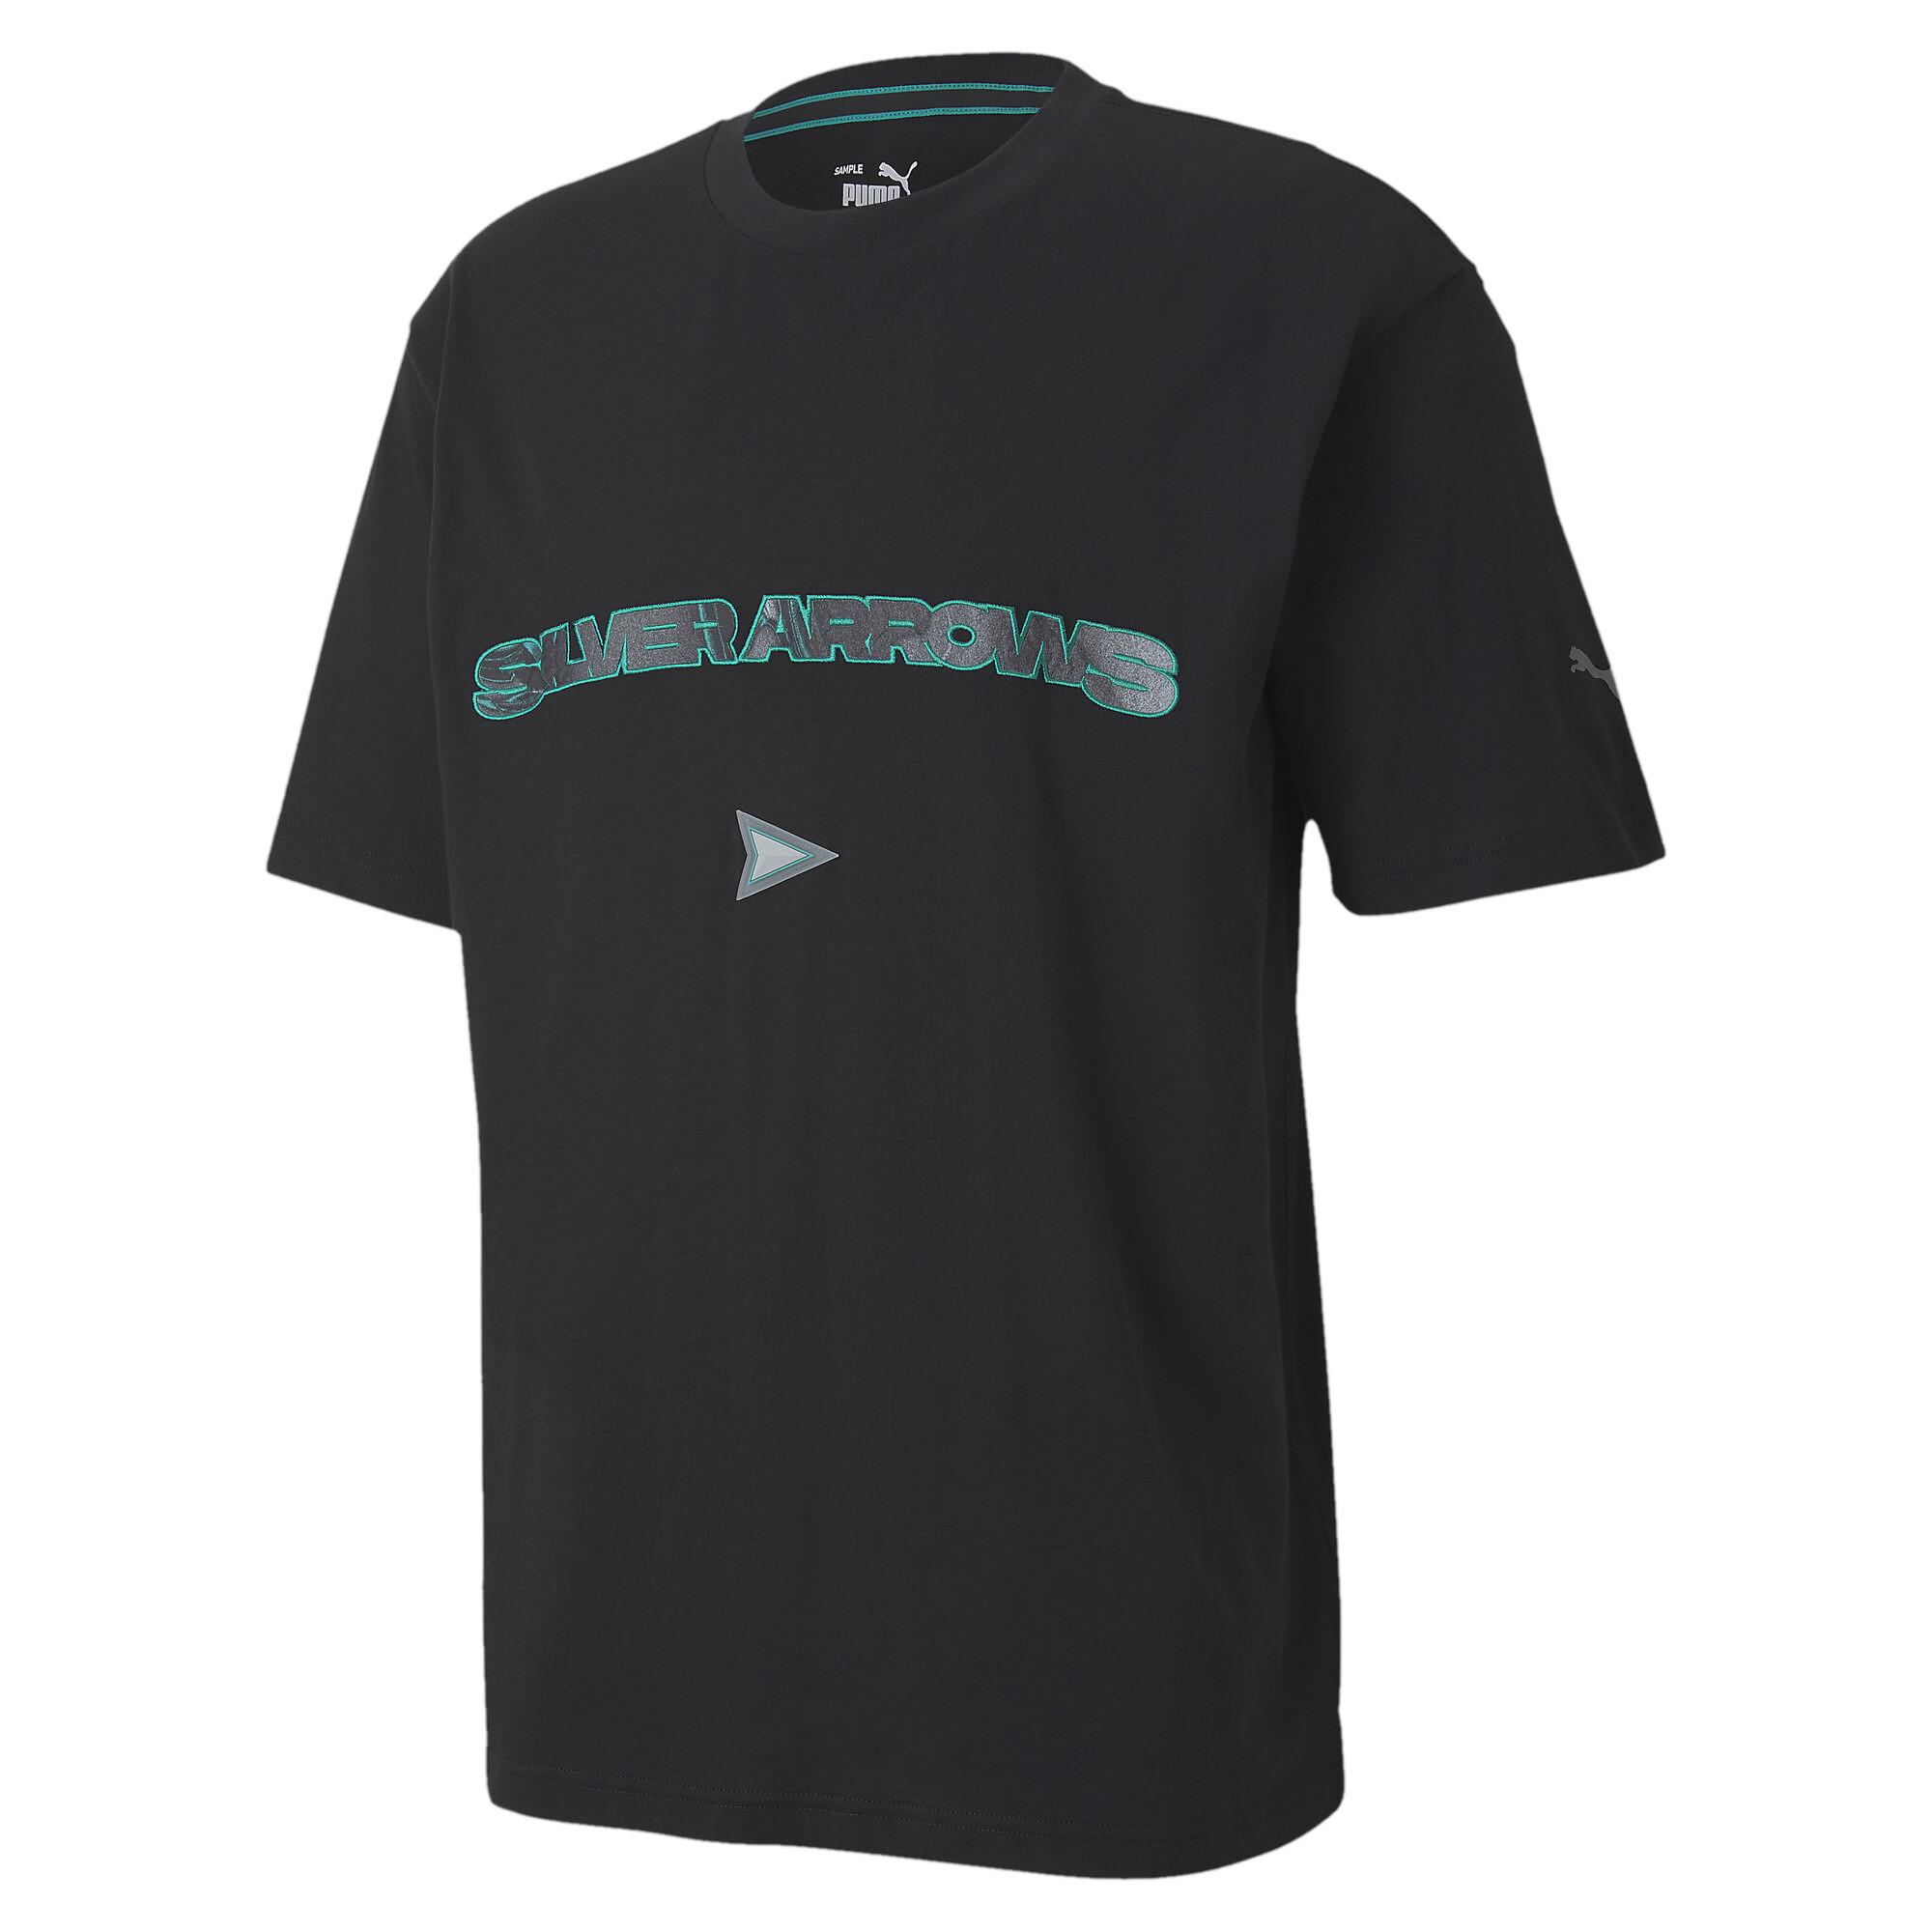 【プーマ公式通販】 プーマ メルセデス MAPM ストリート Tシャツ メンズ Puma Black |PUMA.com